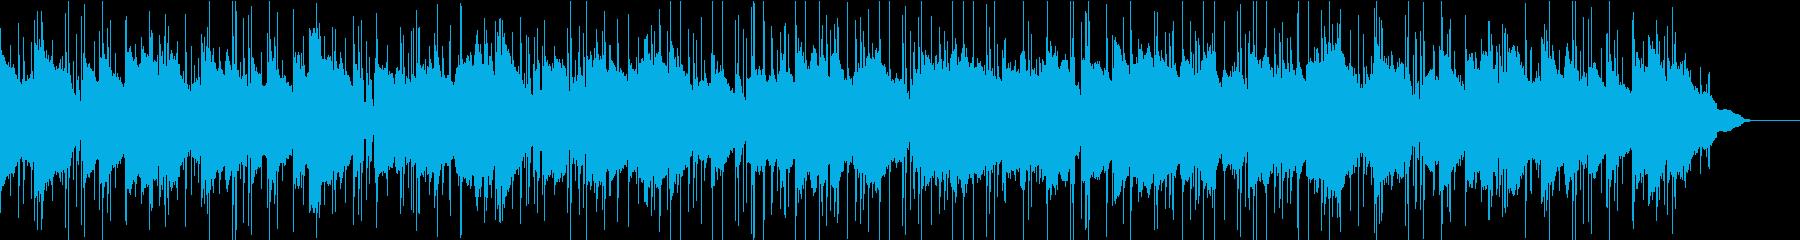 R&B風のおしゃれで渋いスムースジャズの再生済みの波形